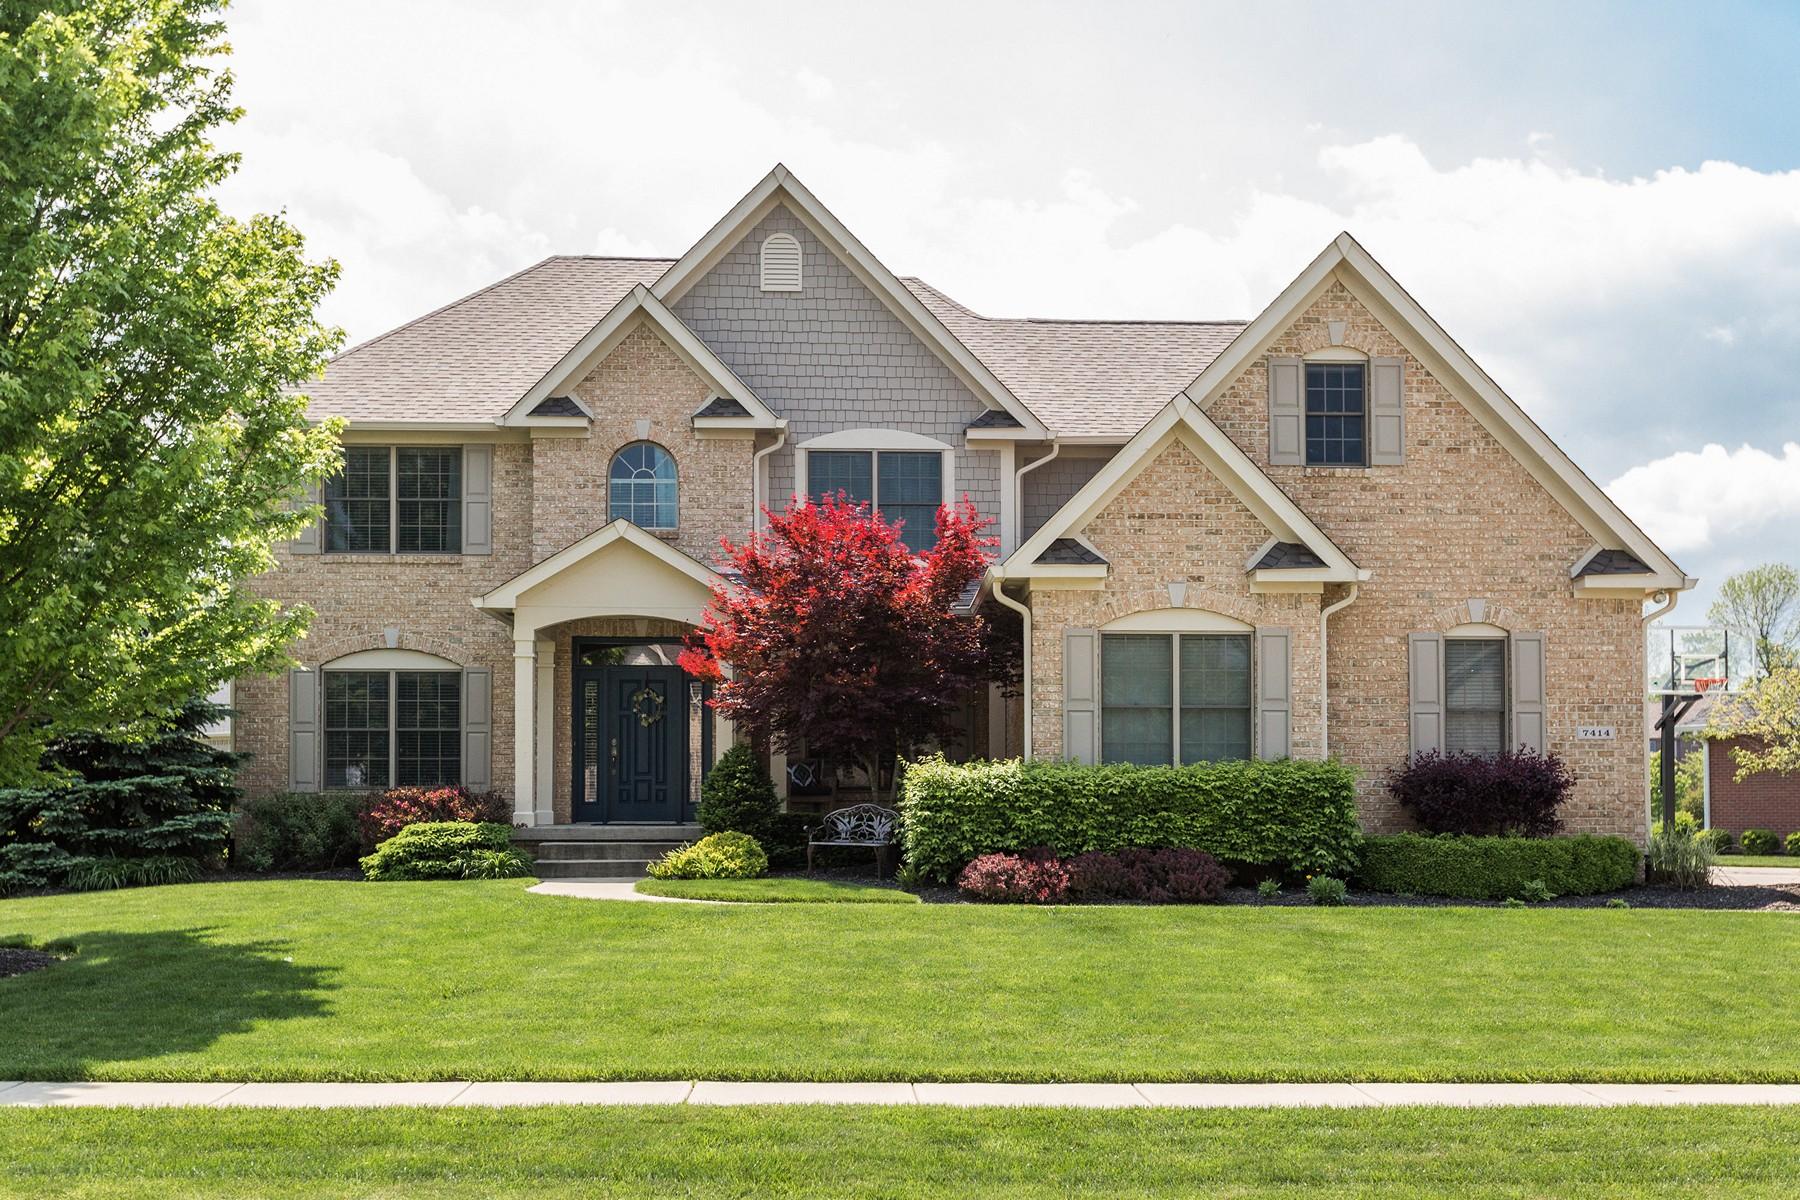 Частный односемейный дом для того Продажа на Gorgeous Home Ready For You 7414 Stones River Drive Indianapolis, Индиана 46259 Соединенные Штаты